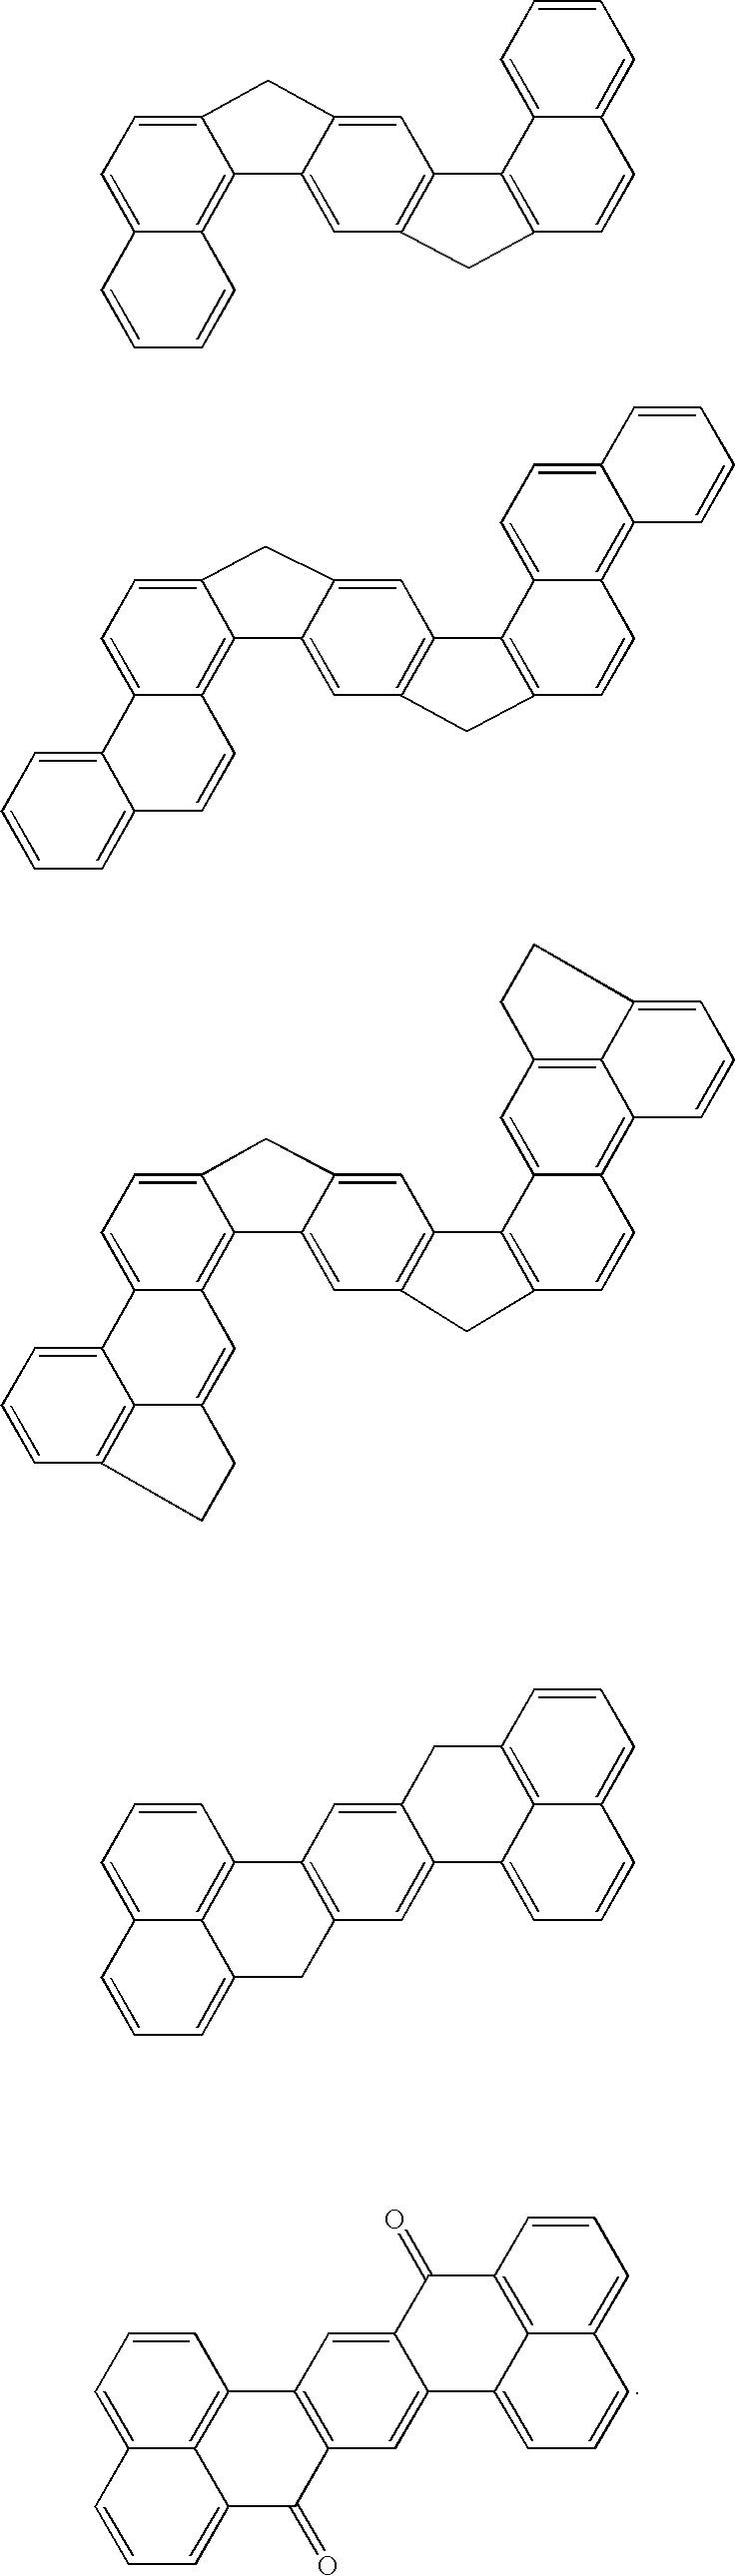 Figure US08932732-20150113-C00076